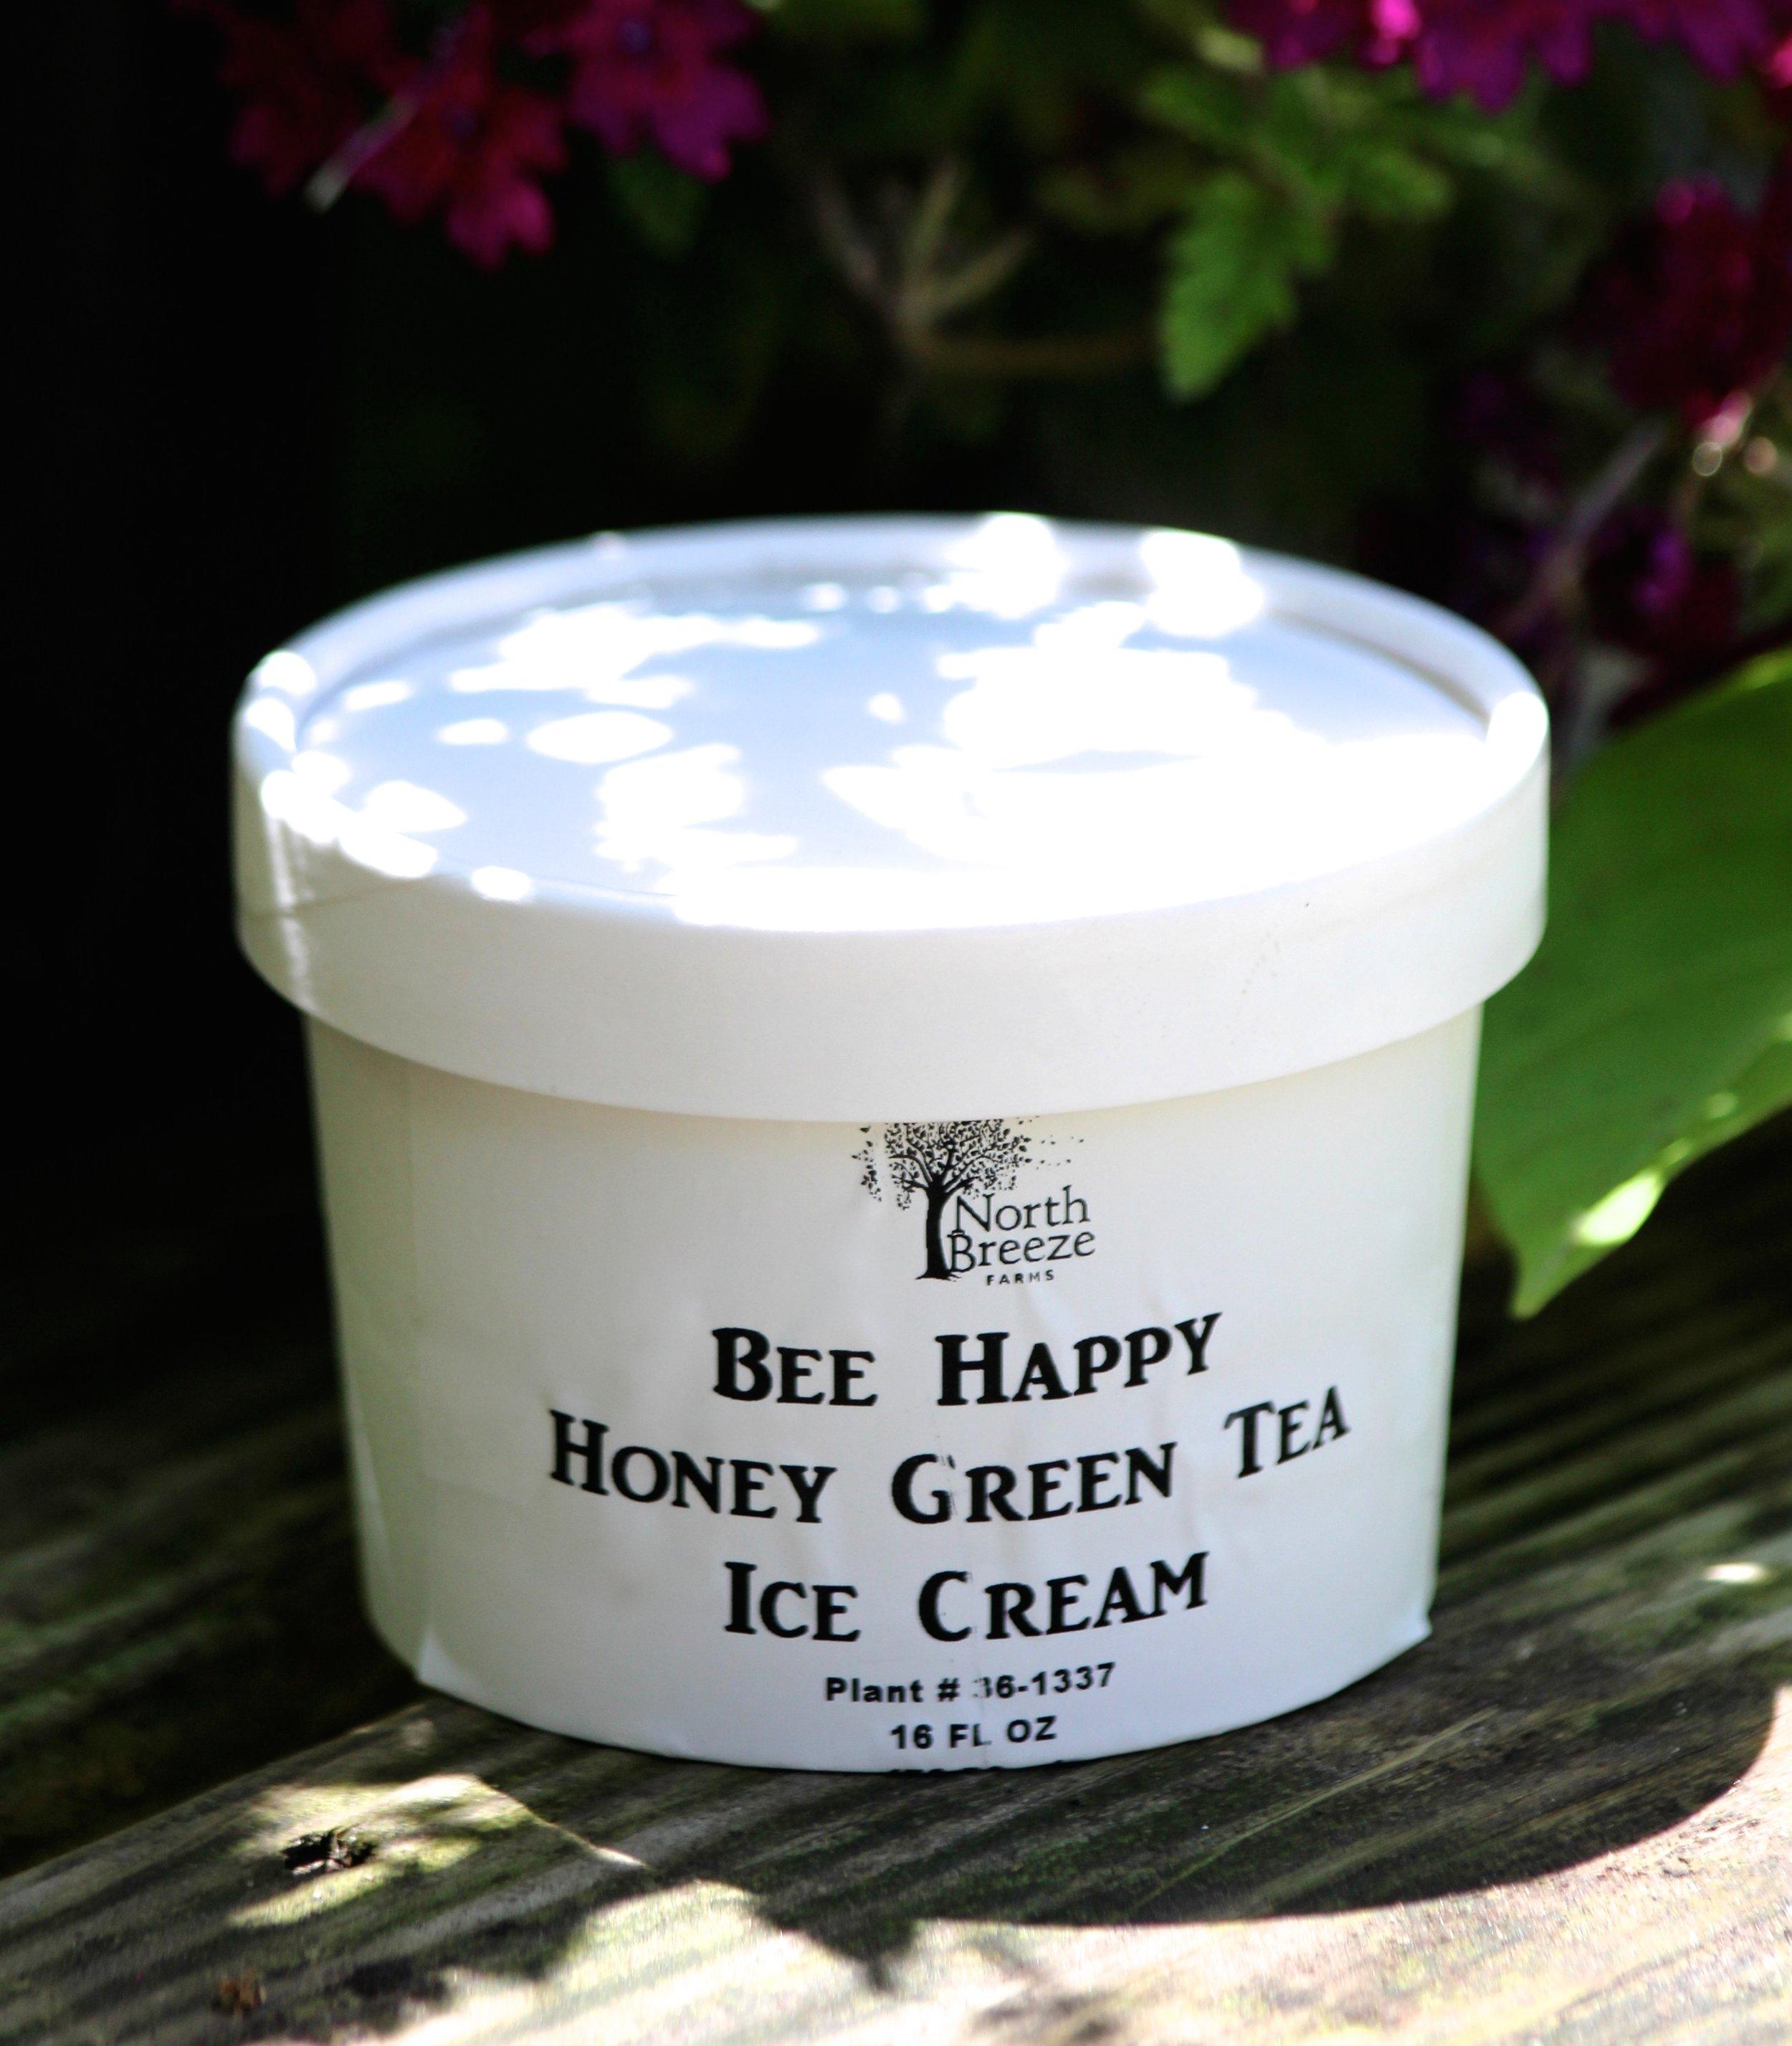 Green Tea Honey Ice Cream $2.99